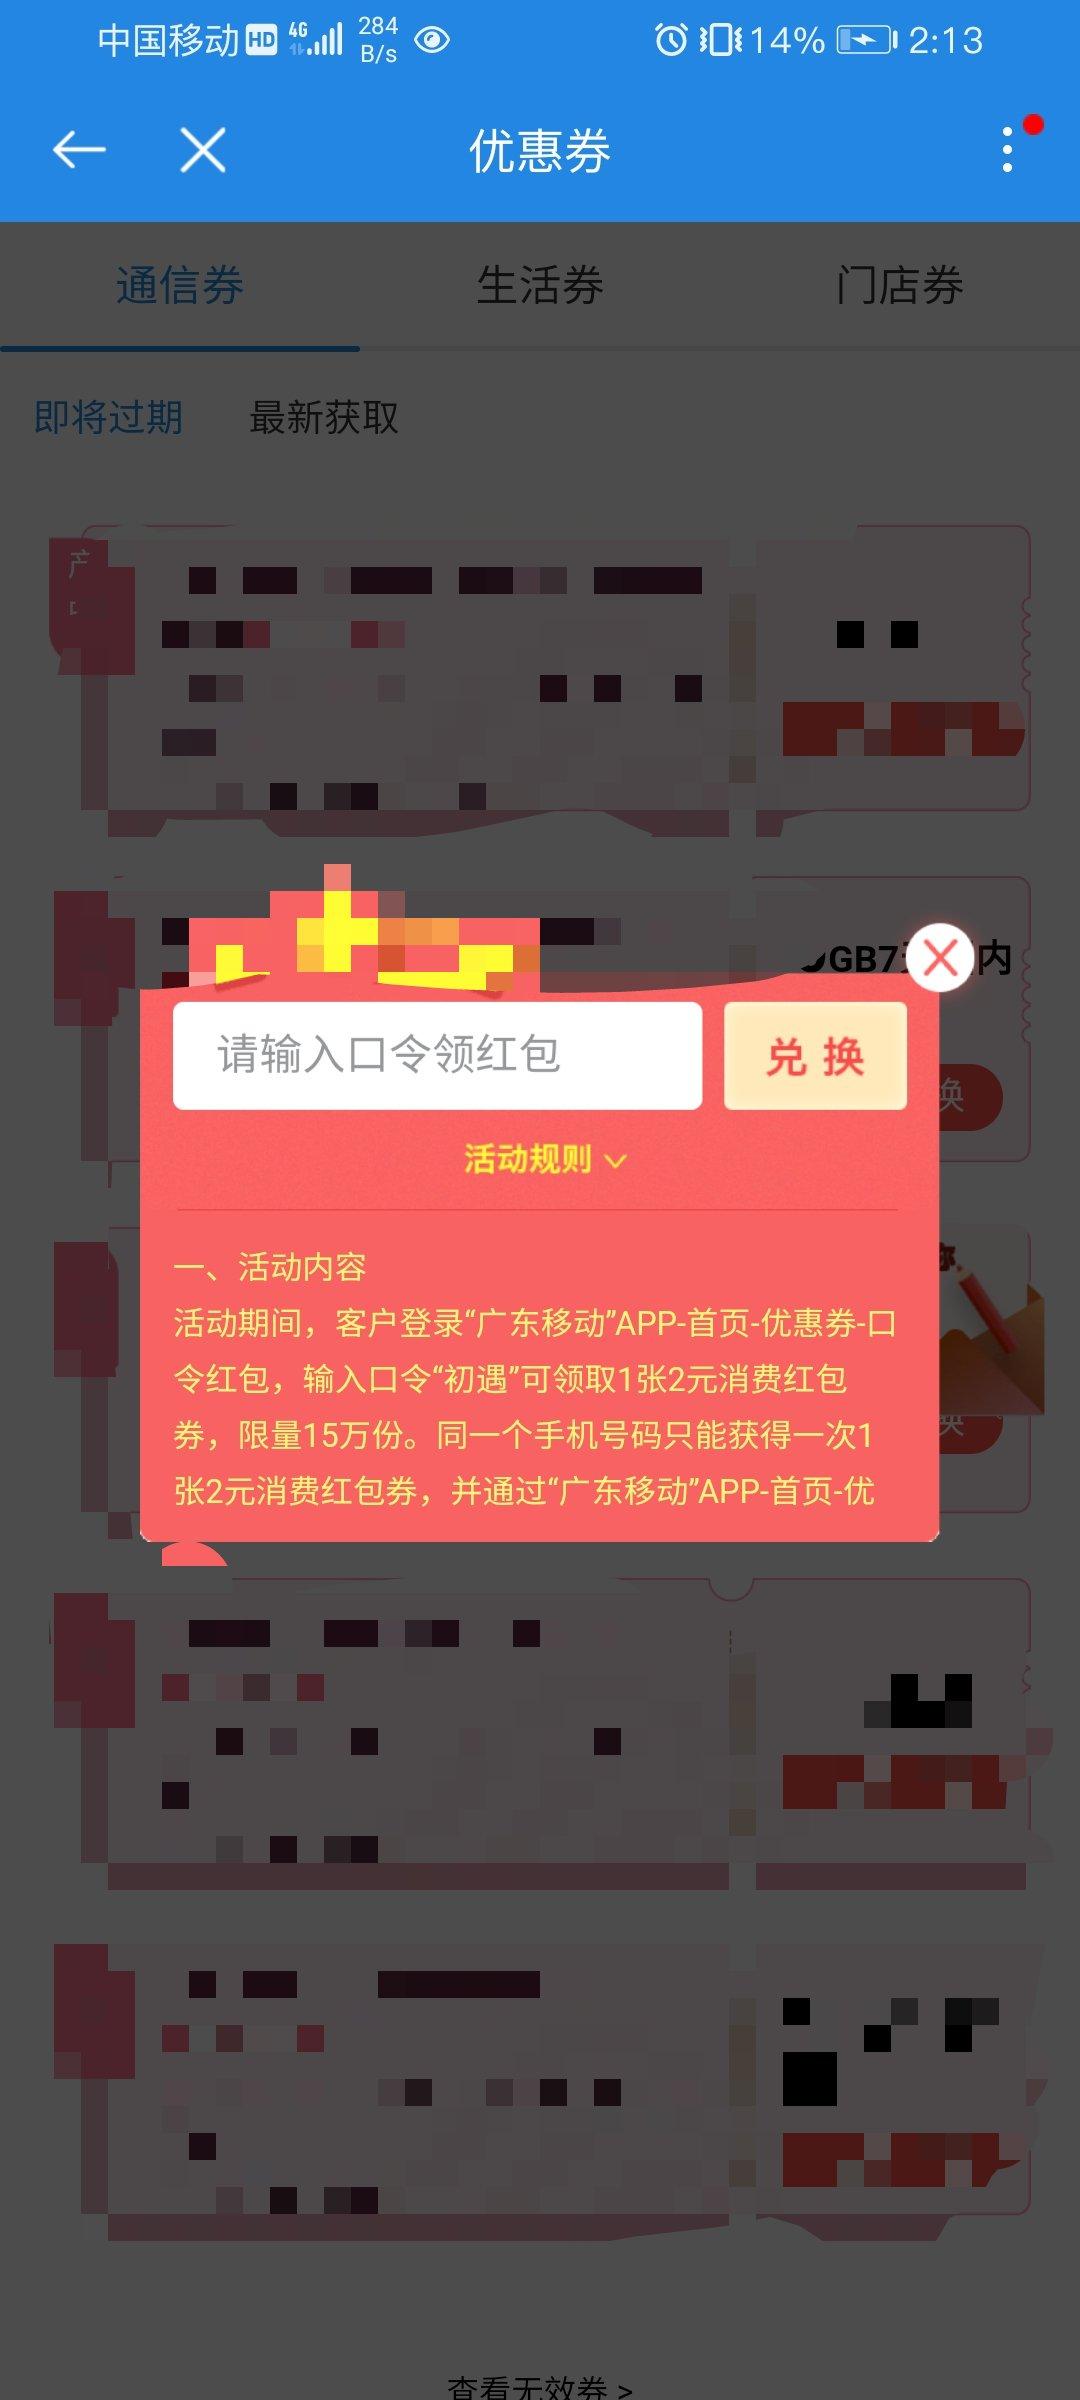 图片[2]-广东移动领2元消费红包-老友薅羊毛活动线报网